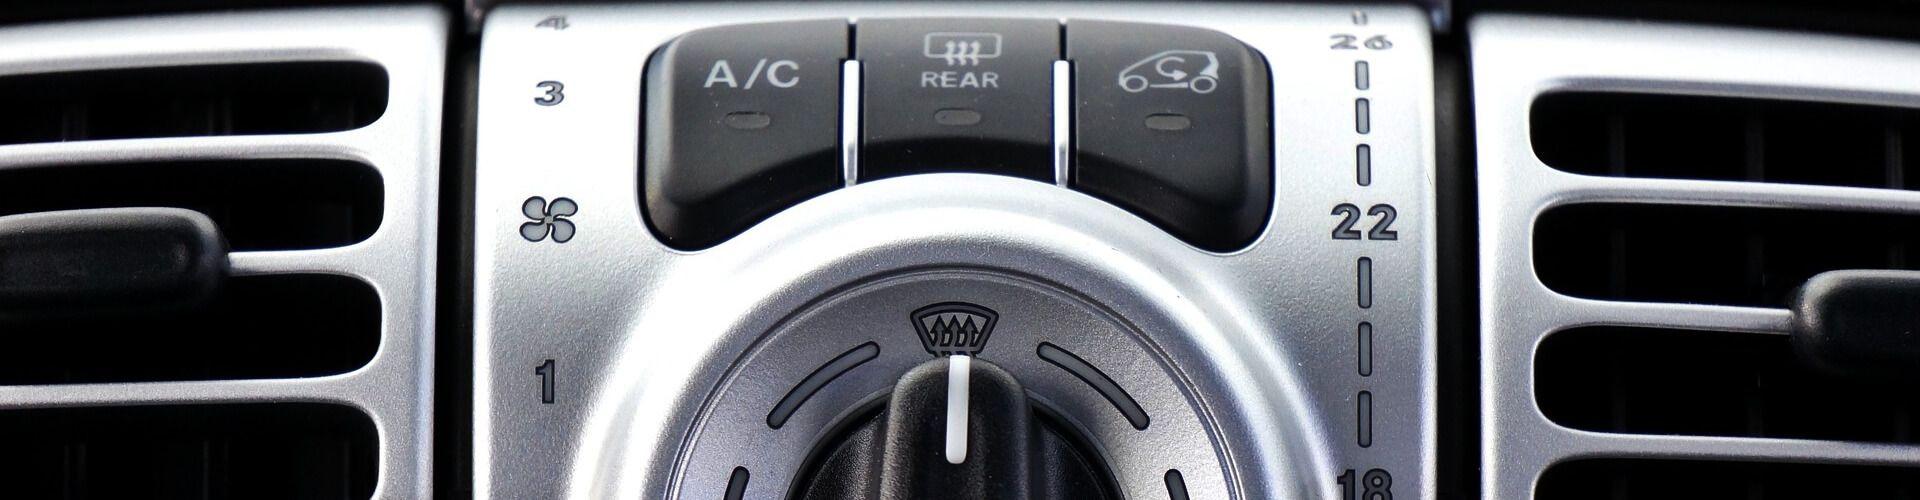 fuga-aire-acondicionado-coche